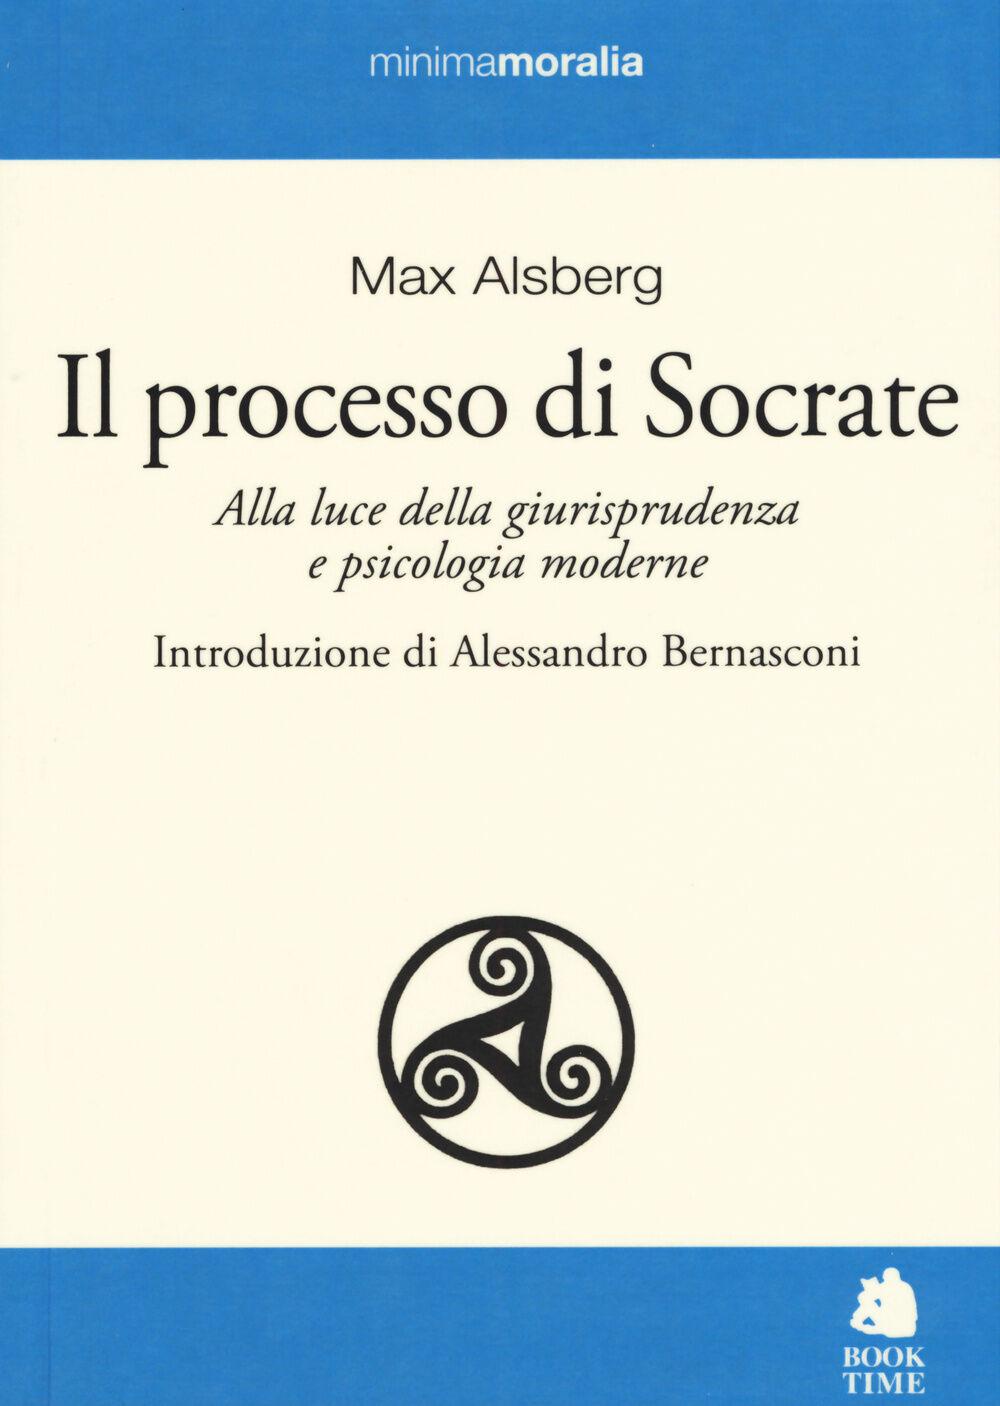 Il processo di Socrate. Alla luce della giurisprudenza e psicologie moderne